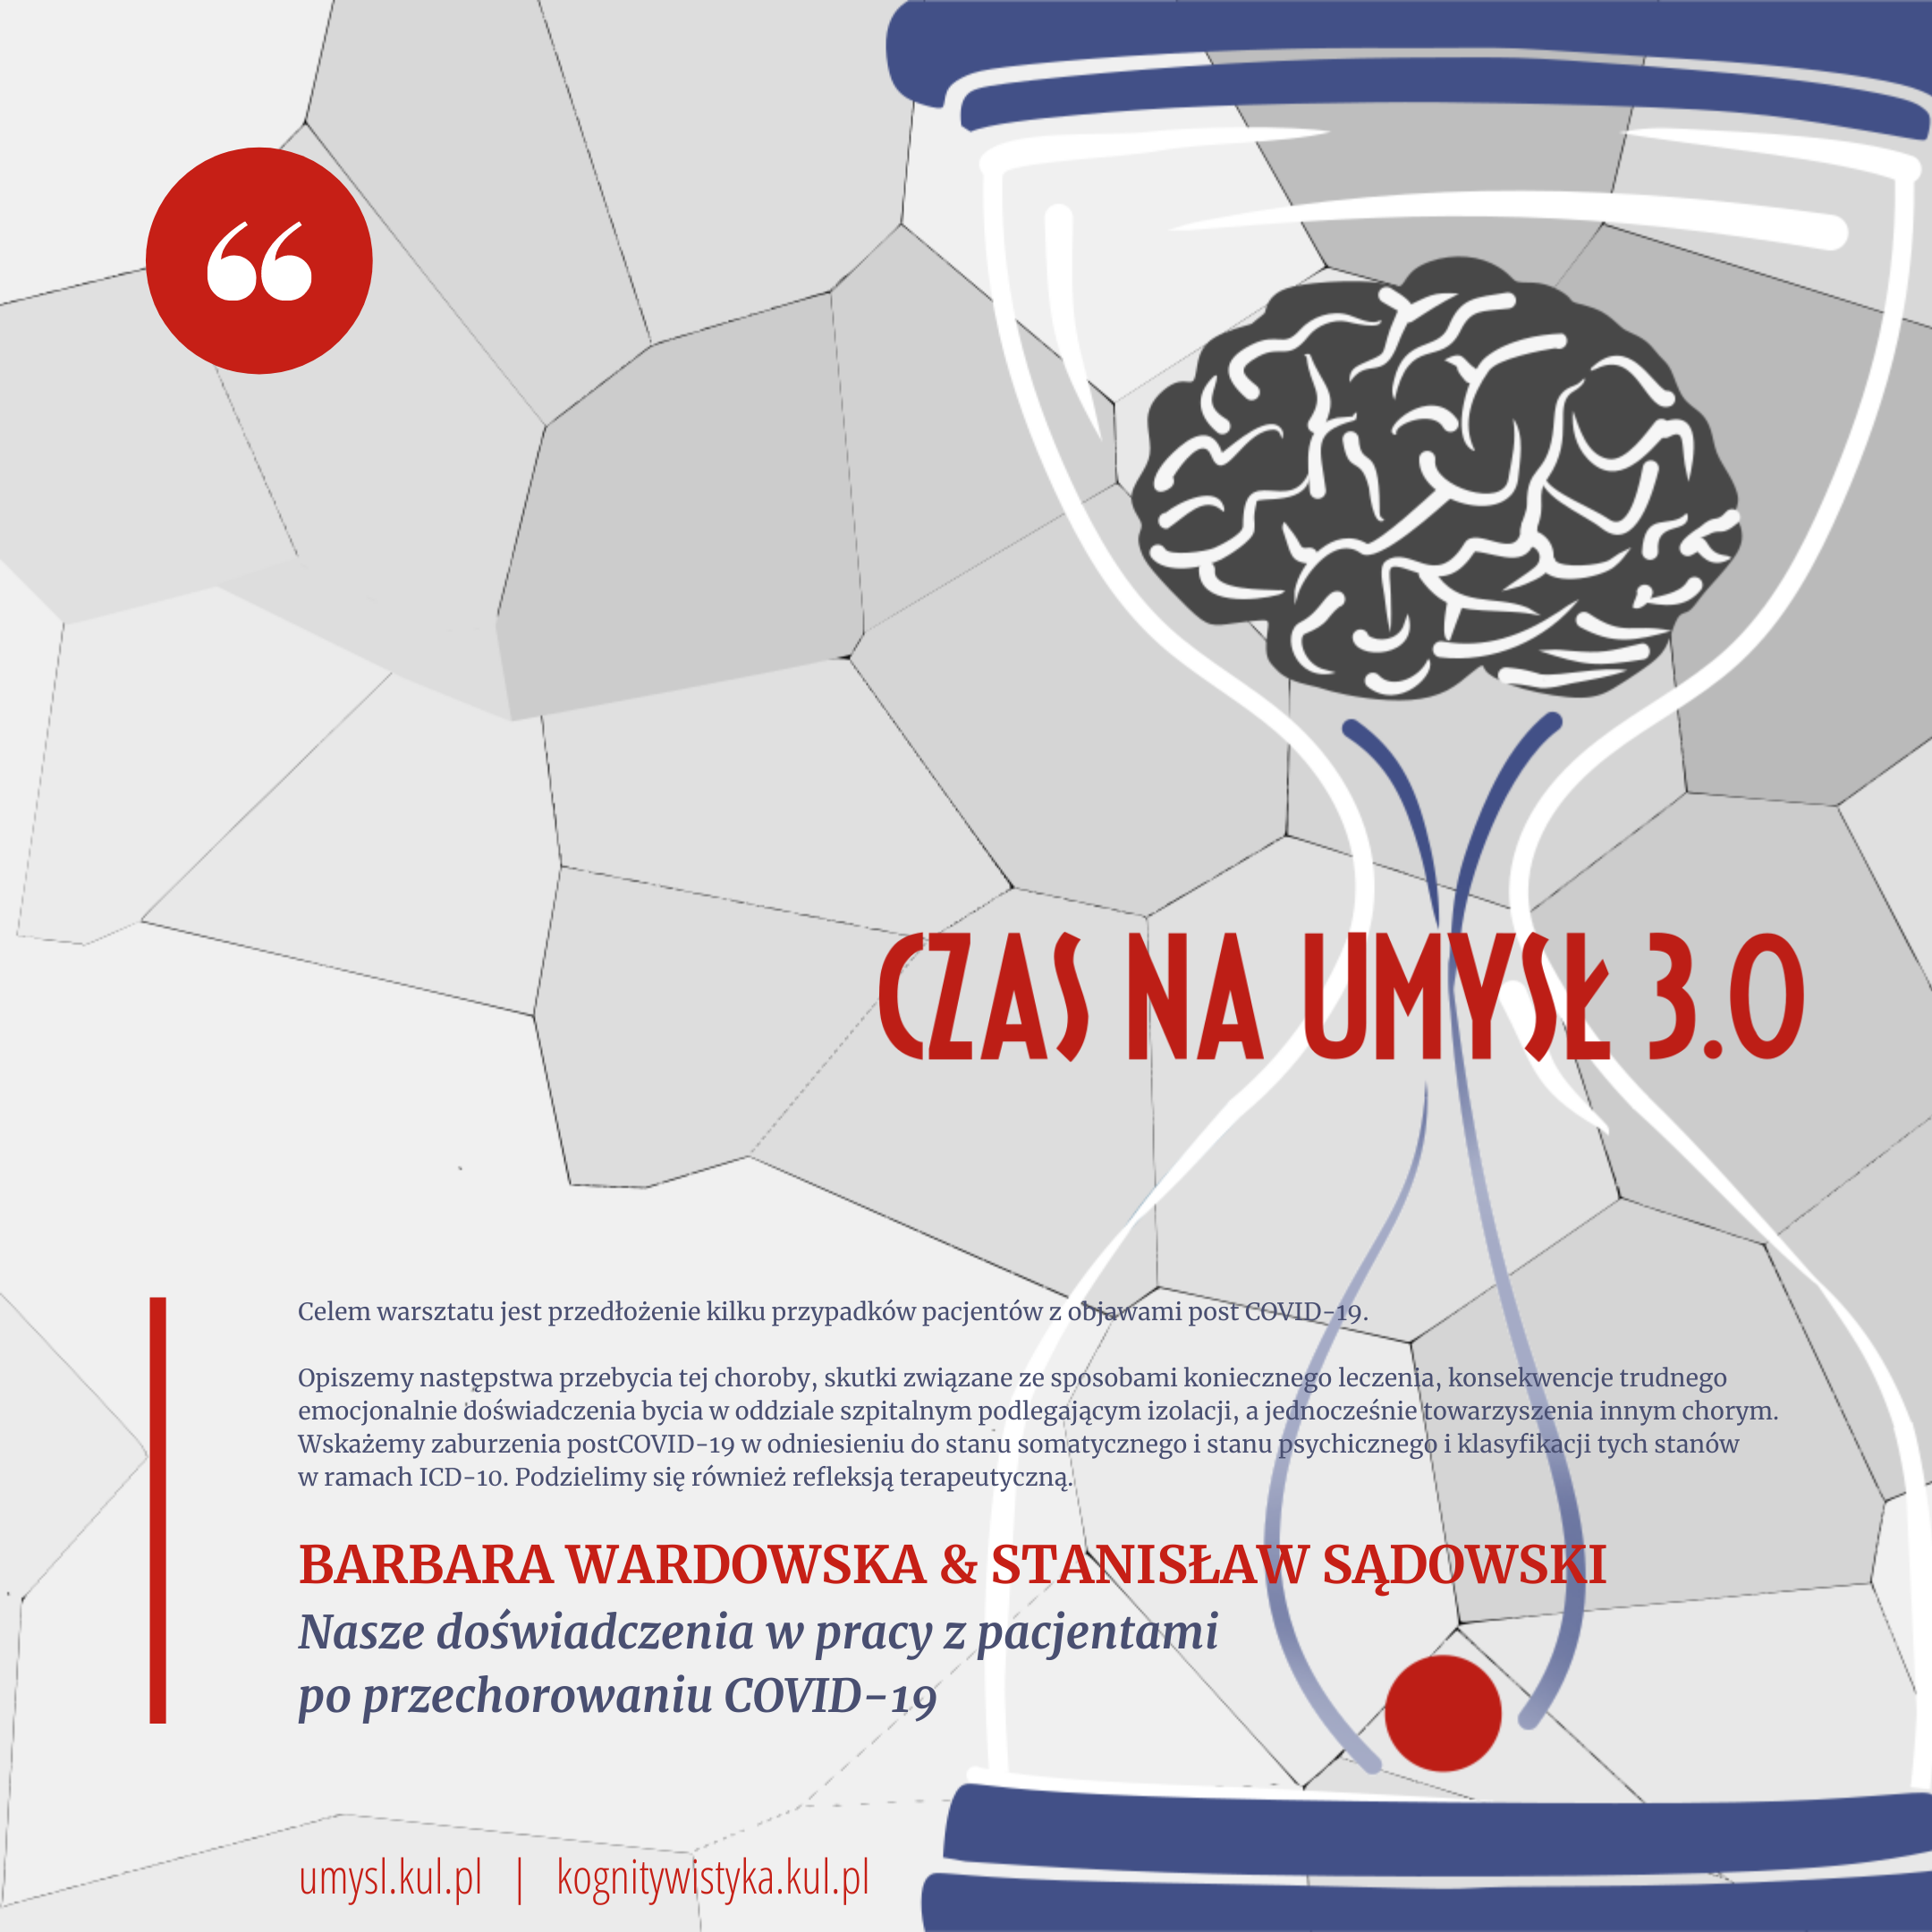 Barbara Wardowska & Stanisław Sądowski Nasze doświadczenia w pracy z pacjentamipo przechorowaniu COVID-19